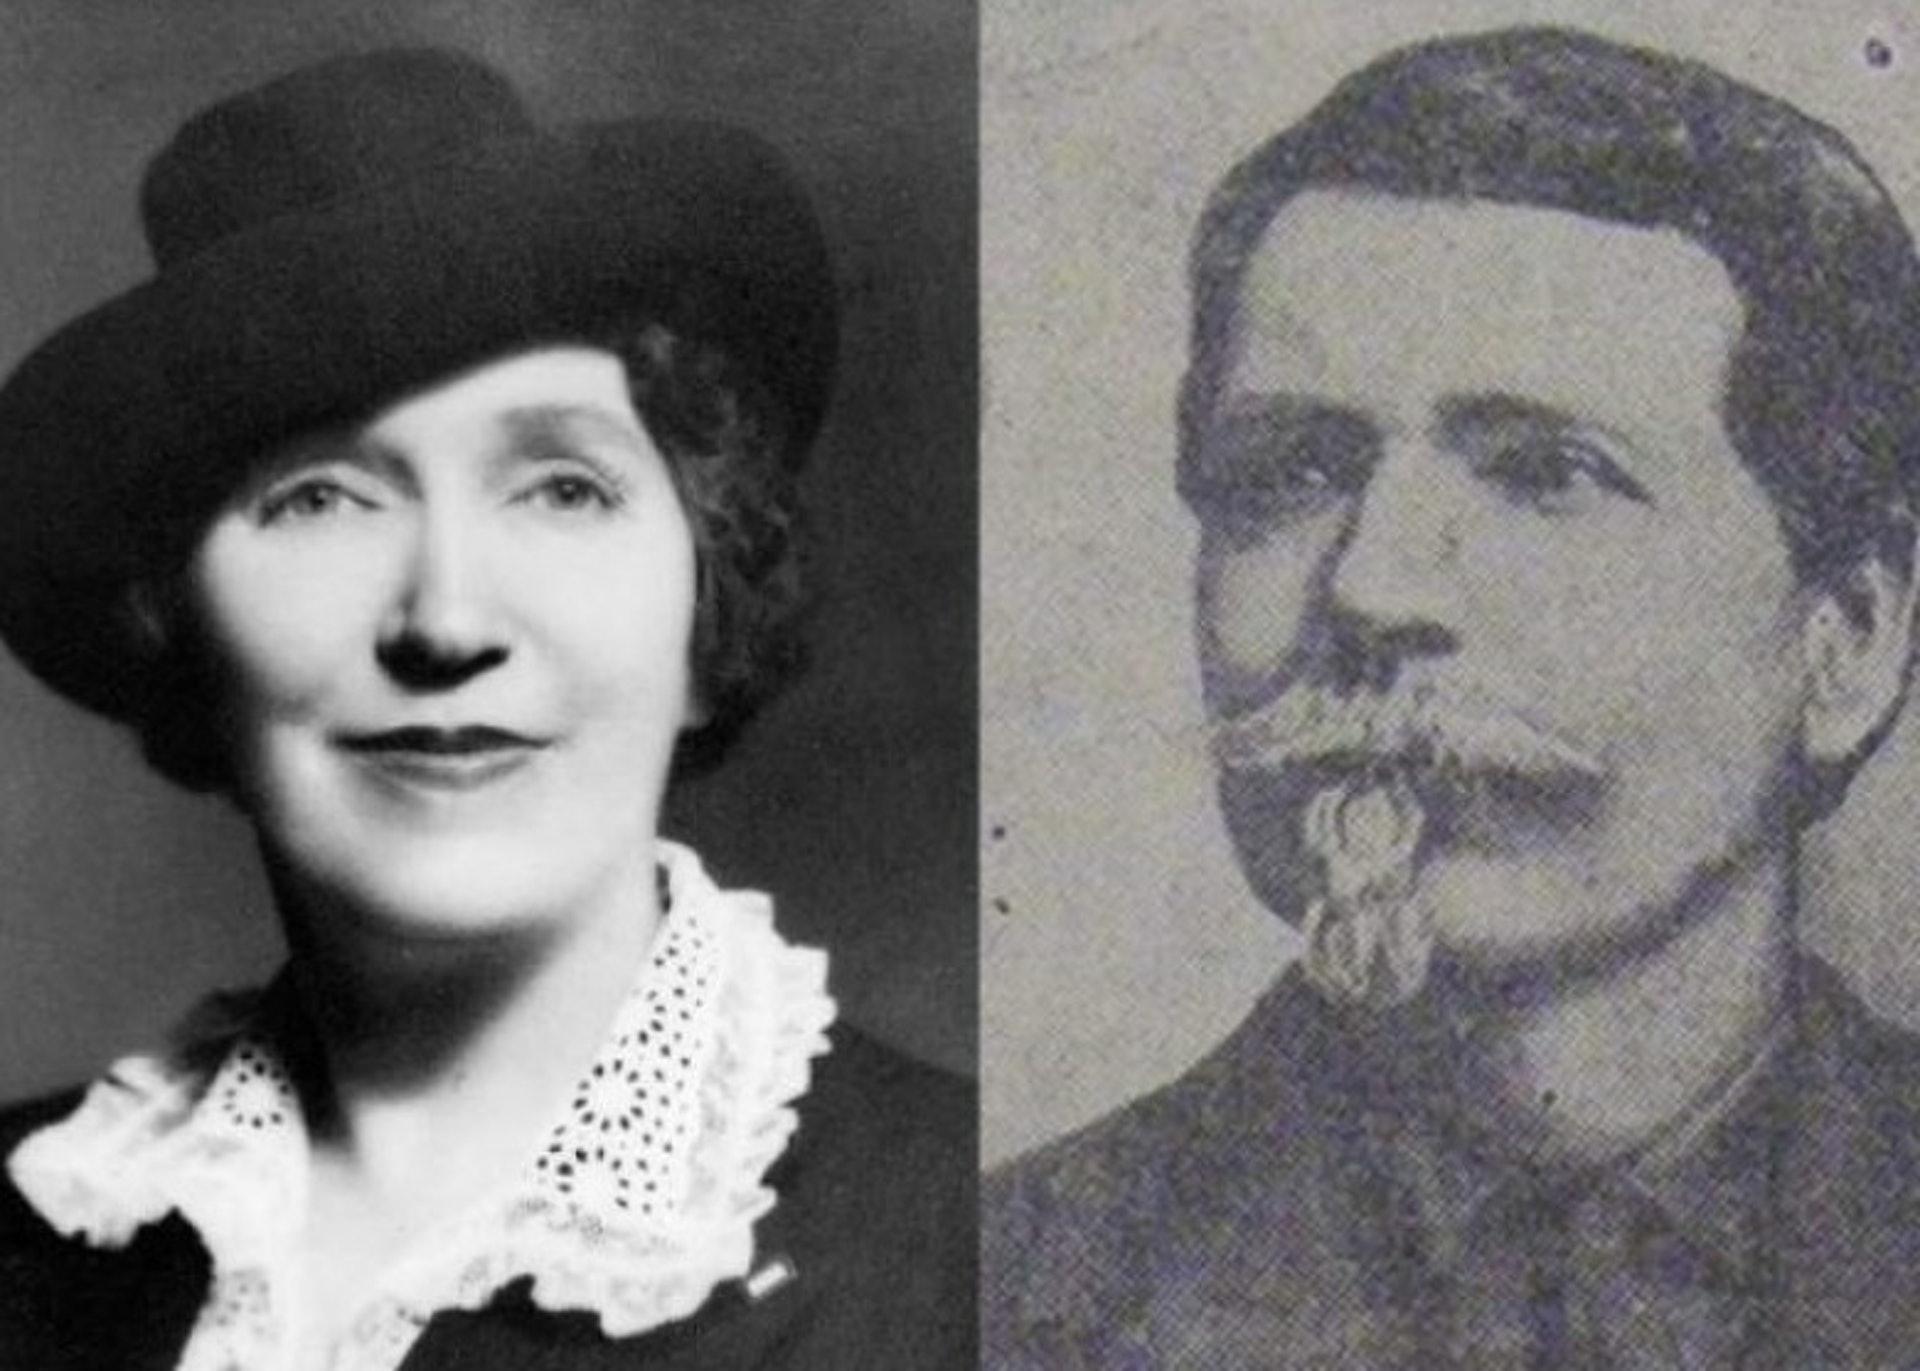 杜德夫人〈左〉致力推動成立父親節,以感謝父親斯馬特〈右〉的付出。〈網上圖片〉